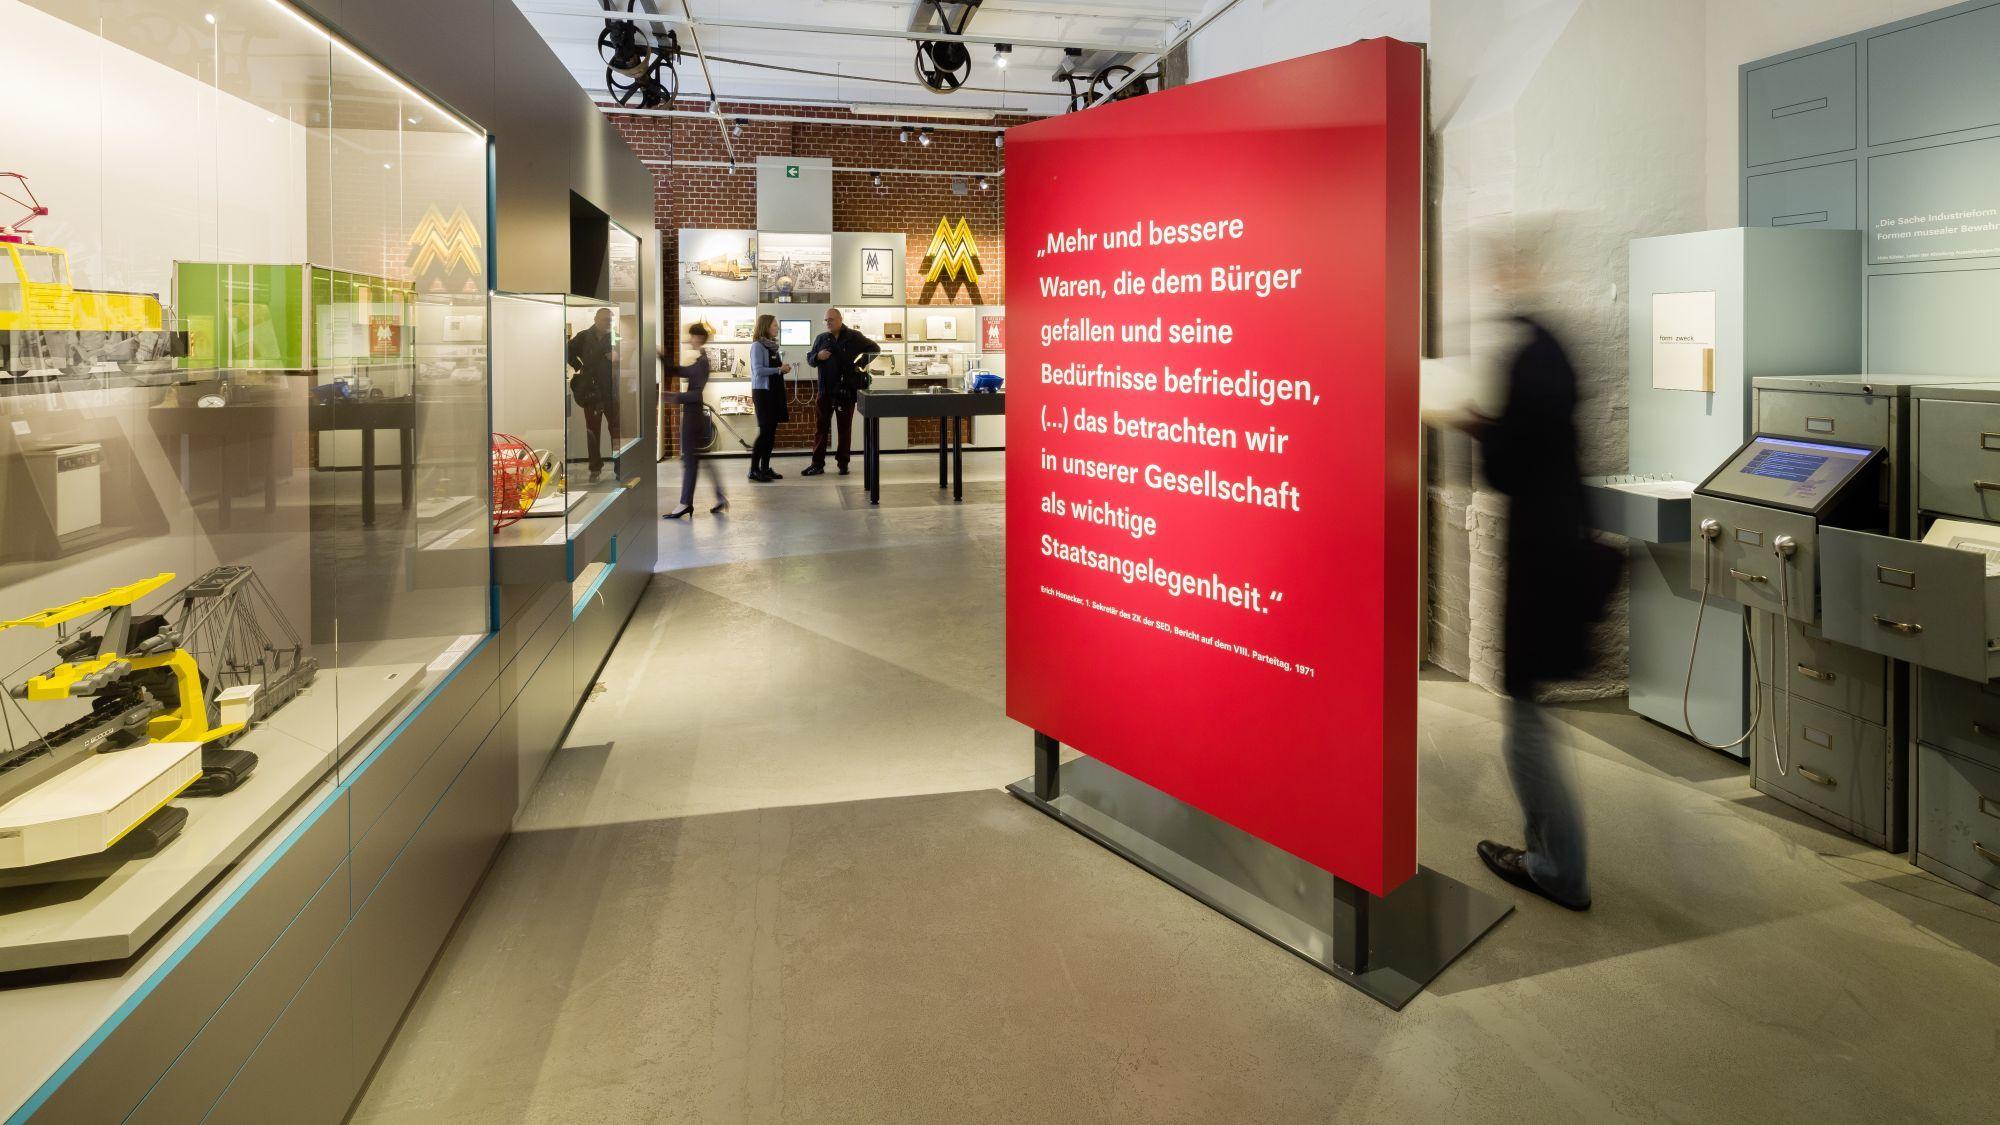 Blick in einen großen Ausstellungsraum, in der Mitte ein großer roter Raumtrenner mit einem Zitat von Erich Honecker, links Modelle von Nutzfahrzeugen in einer Vitrine